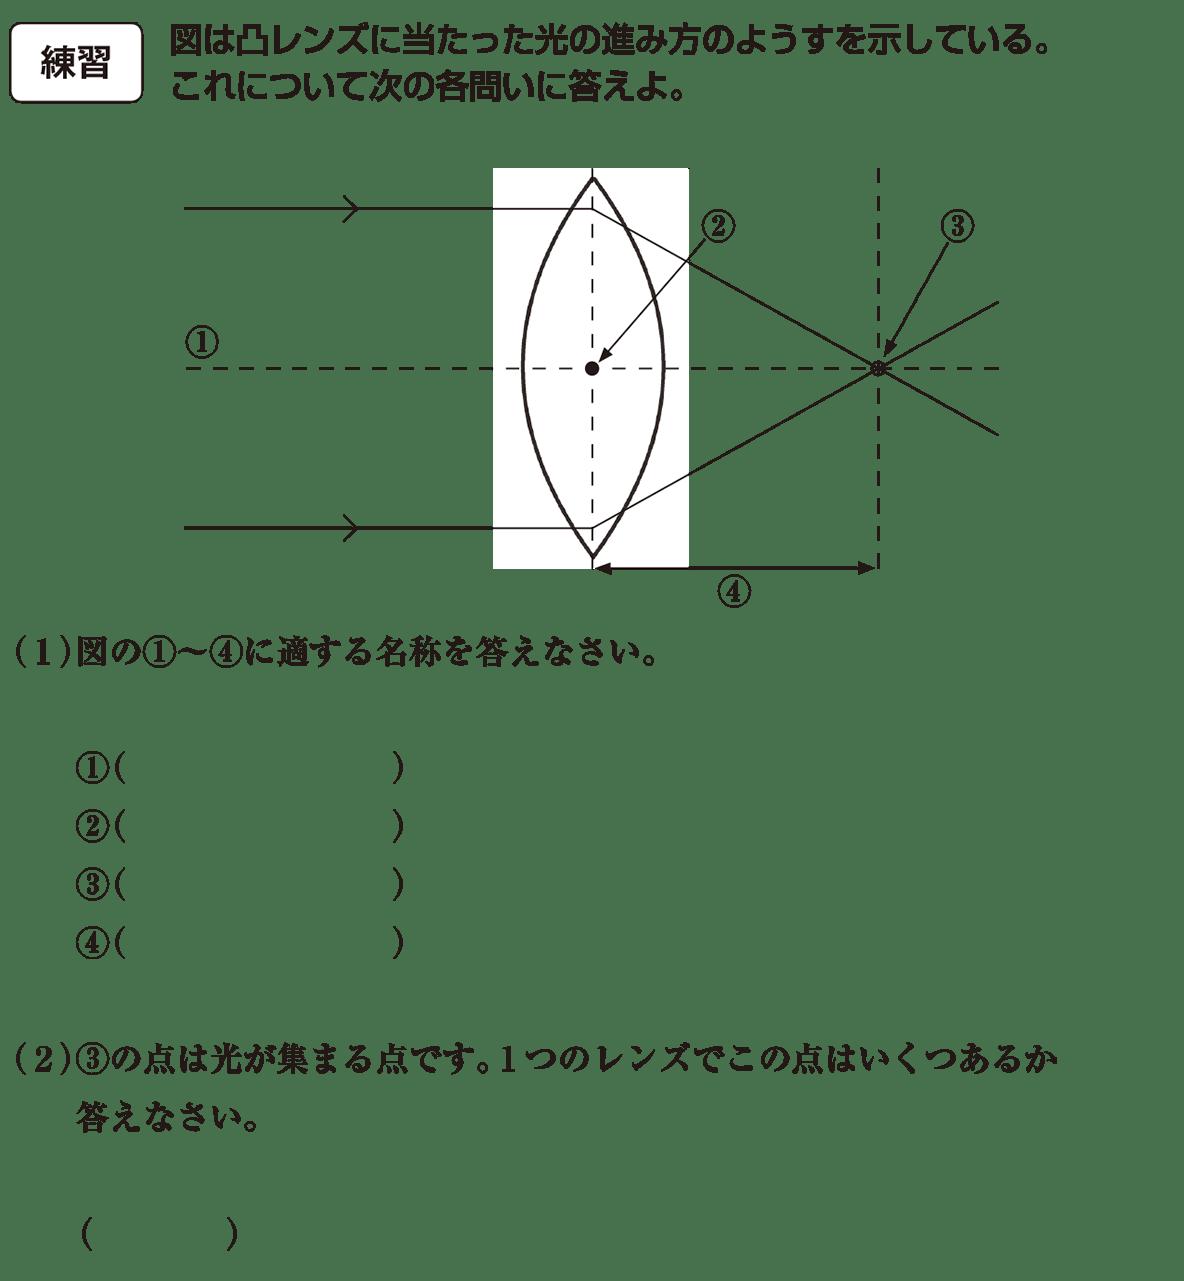 中1 理科物理4 練習 答えなし